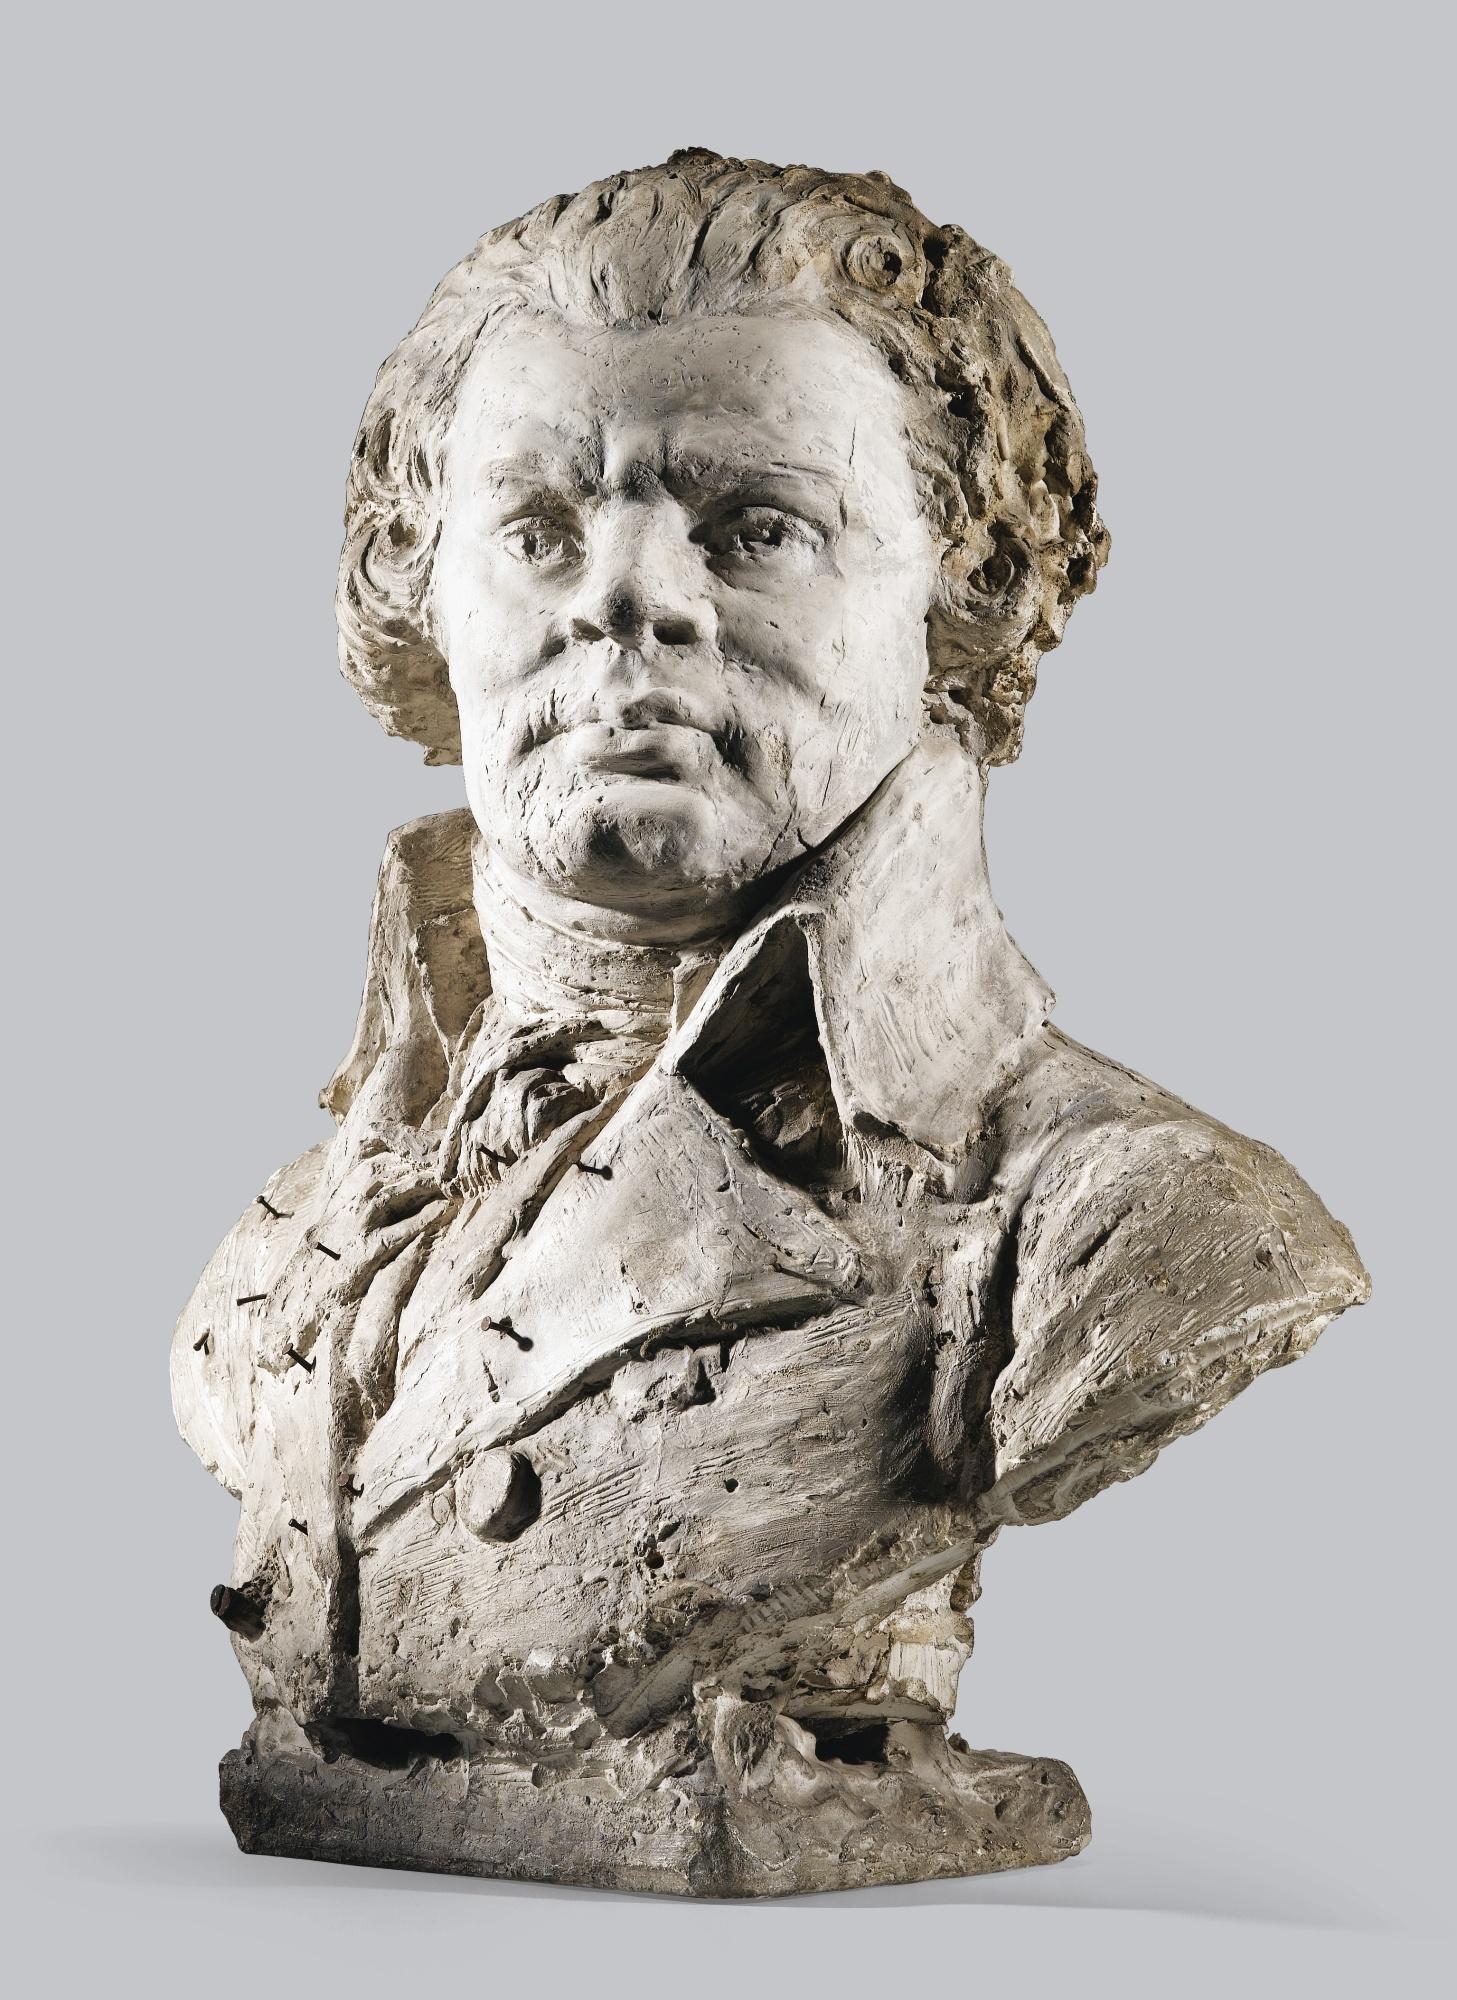 Georges Danton boucquet victor | buste de georges jacques danton (1759-1794